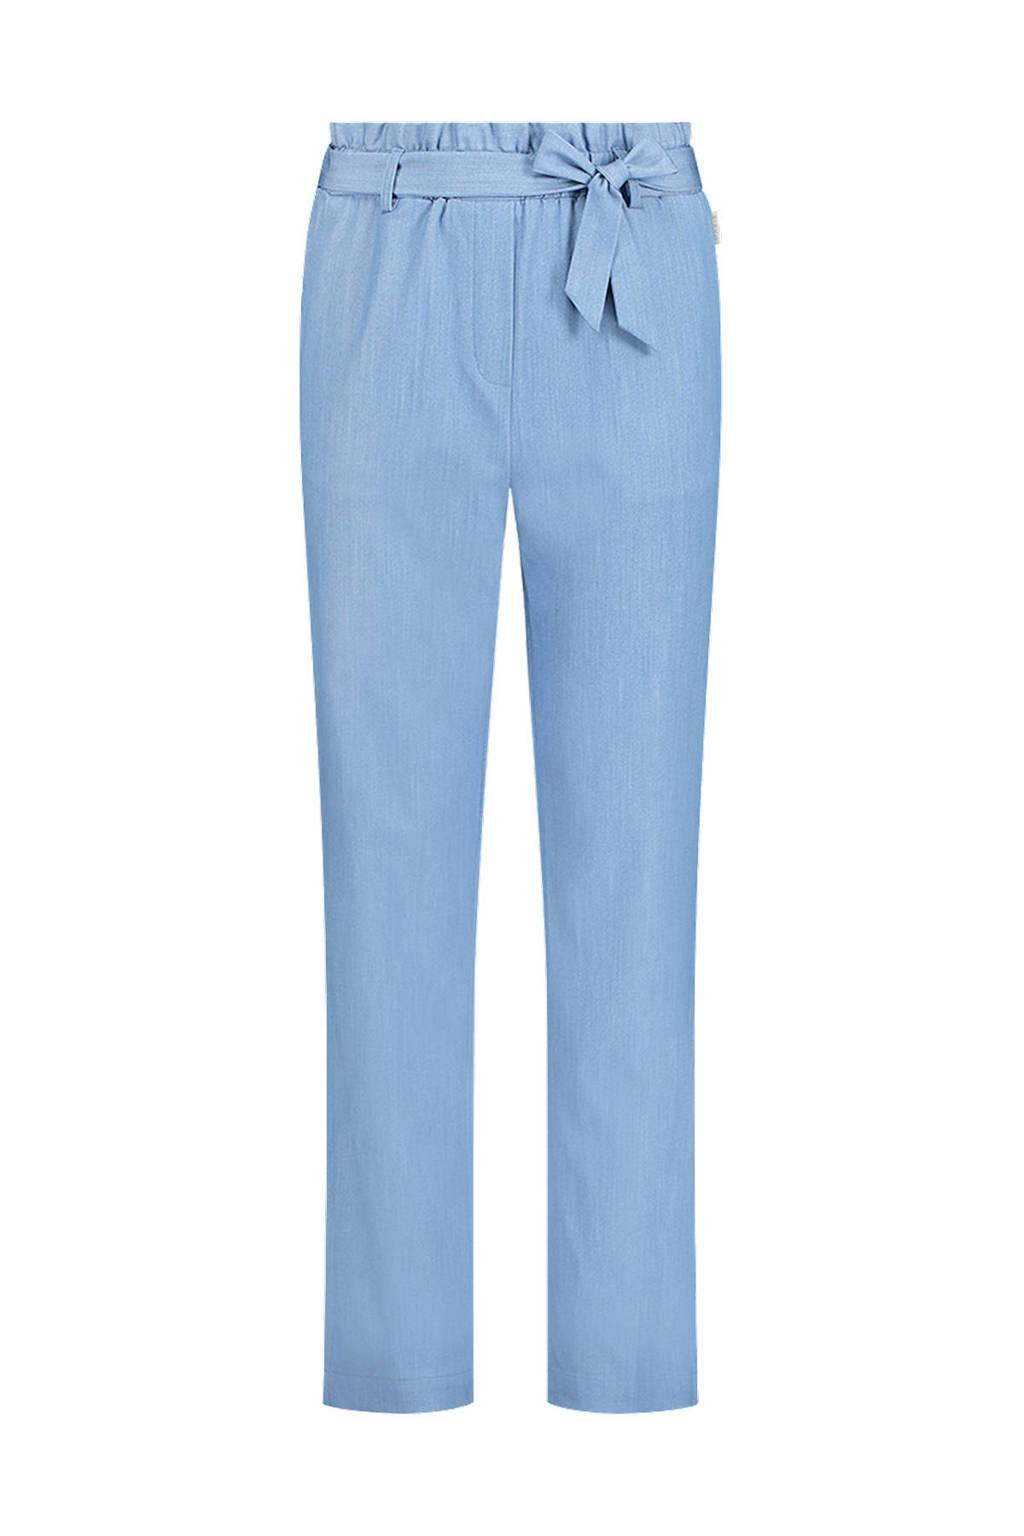 AI&KO high waist tapered fit broek Mesdi blauw, Blauw